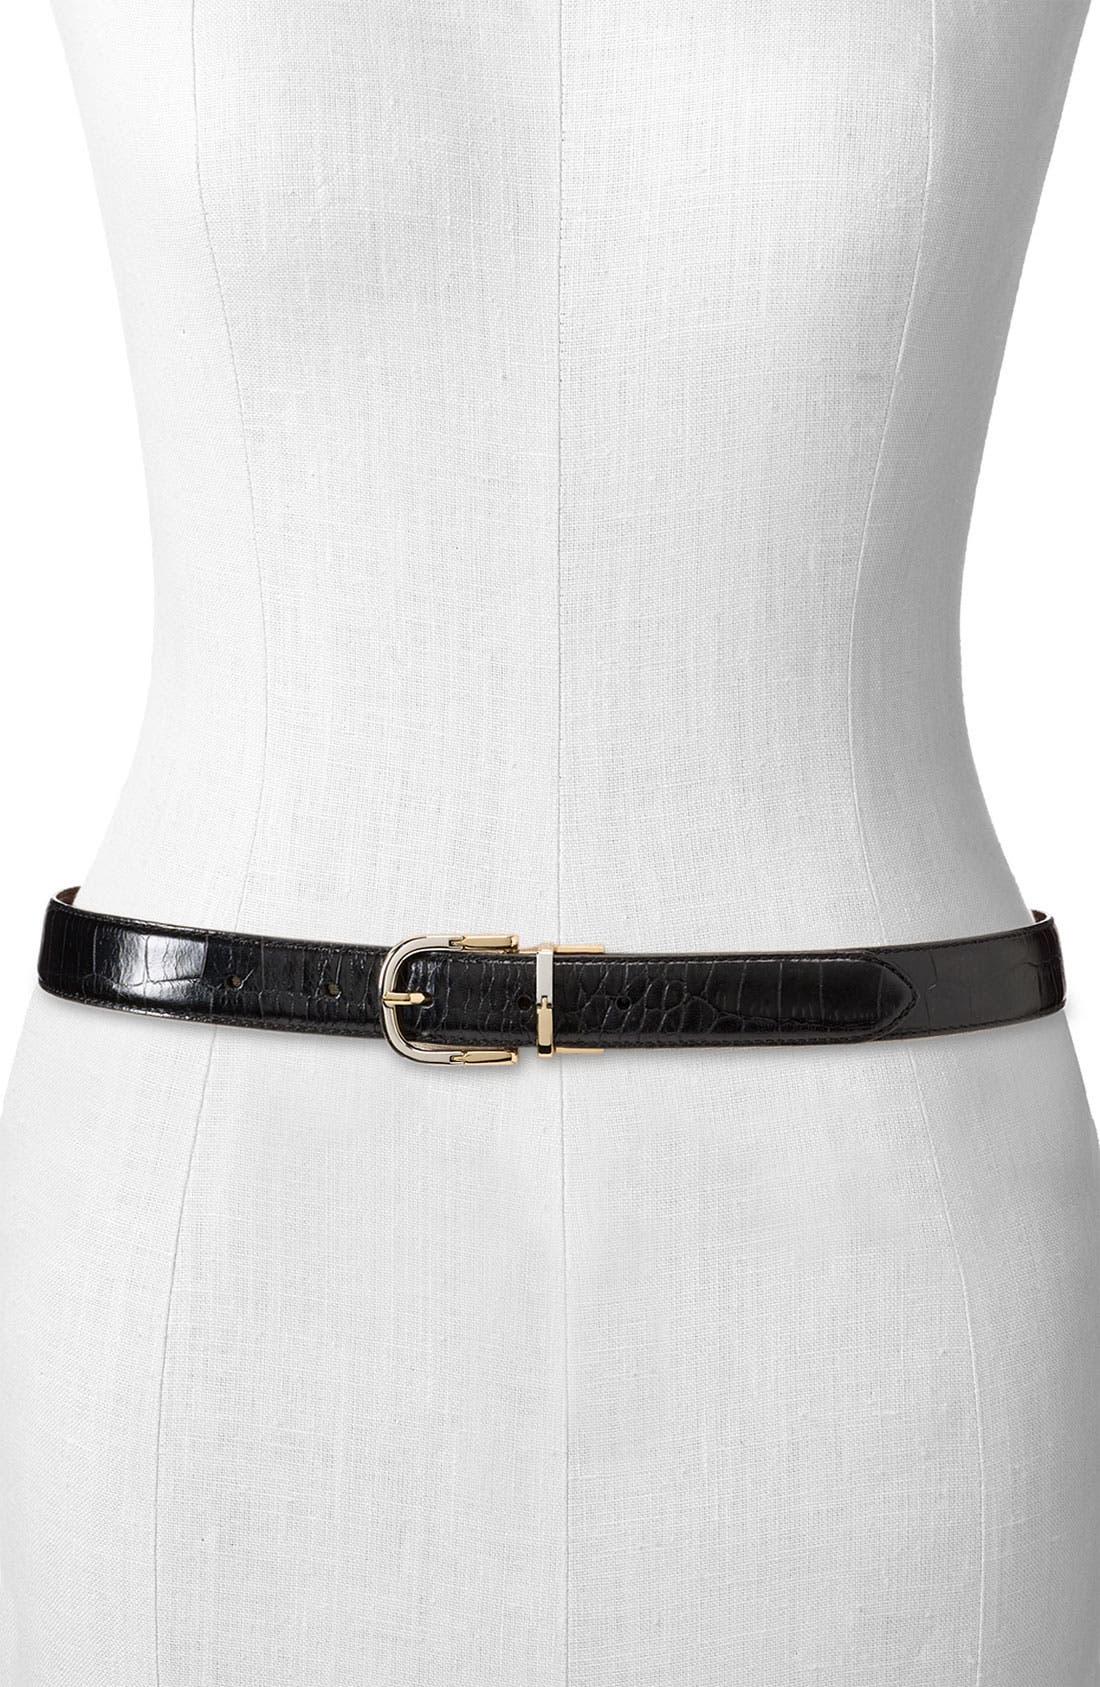 Main Image - Lauren Ralph Lauren Reversible Croc Embossed Belt